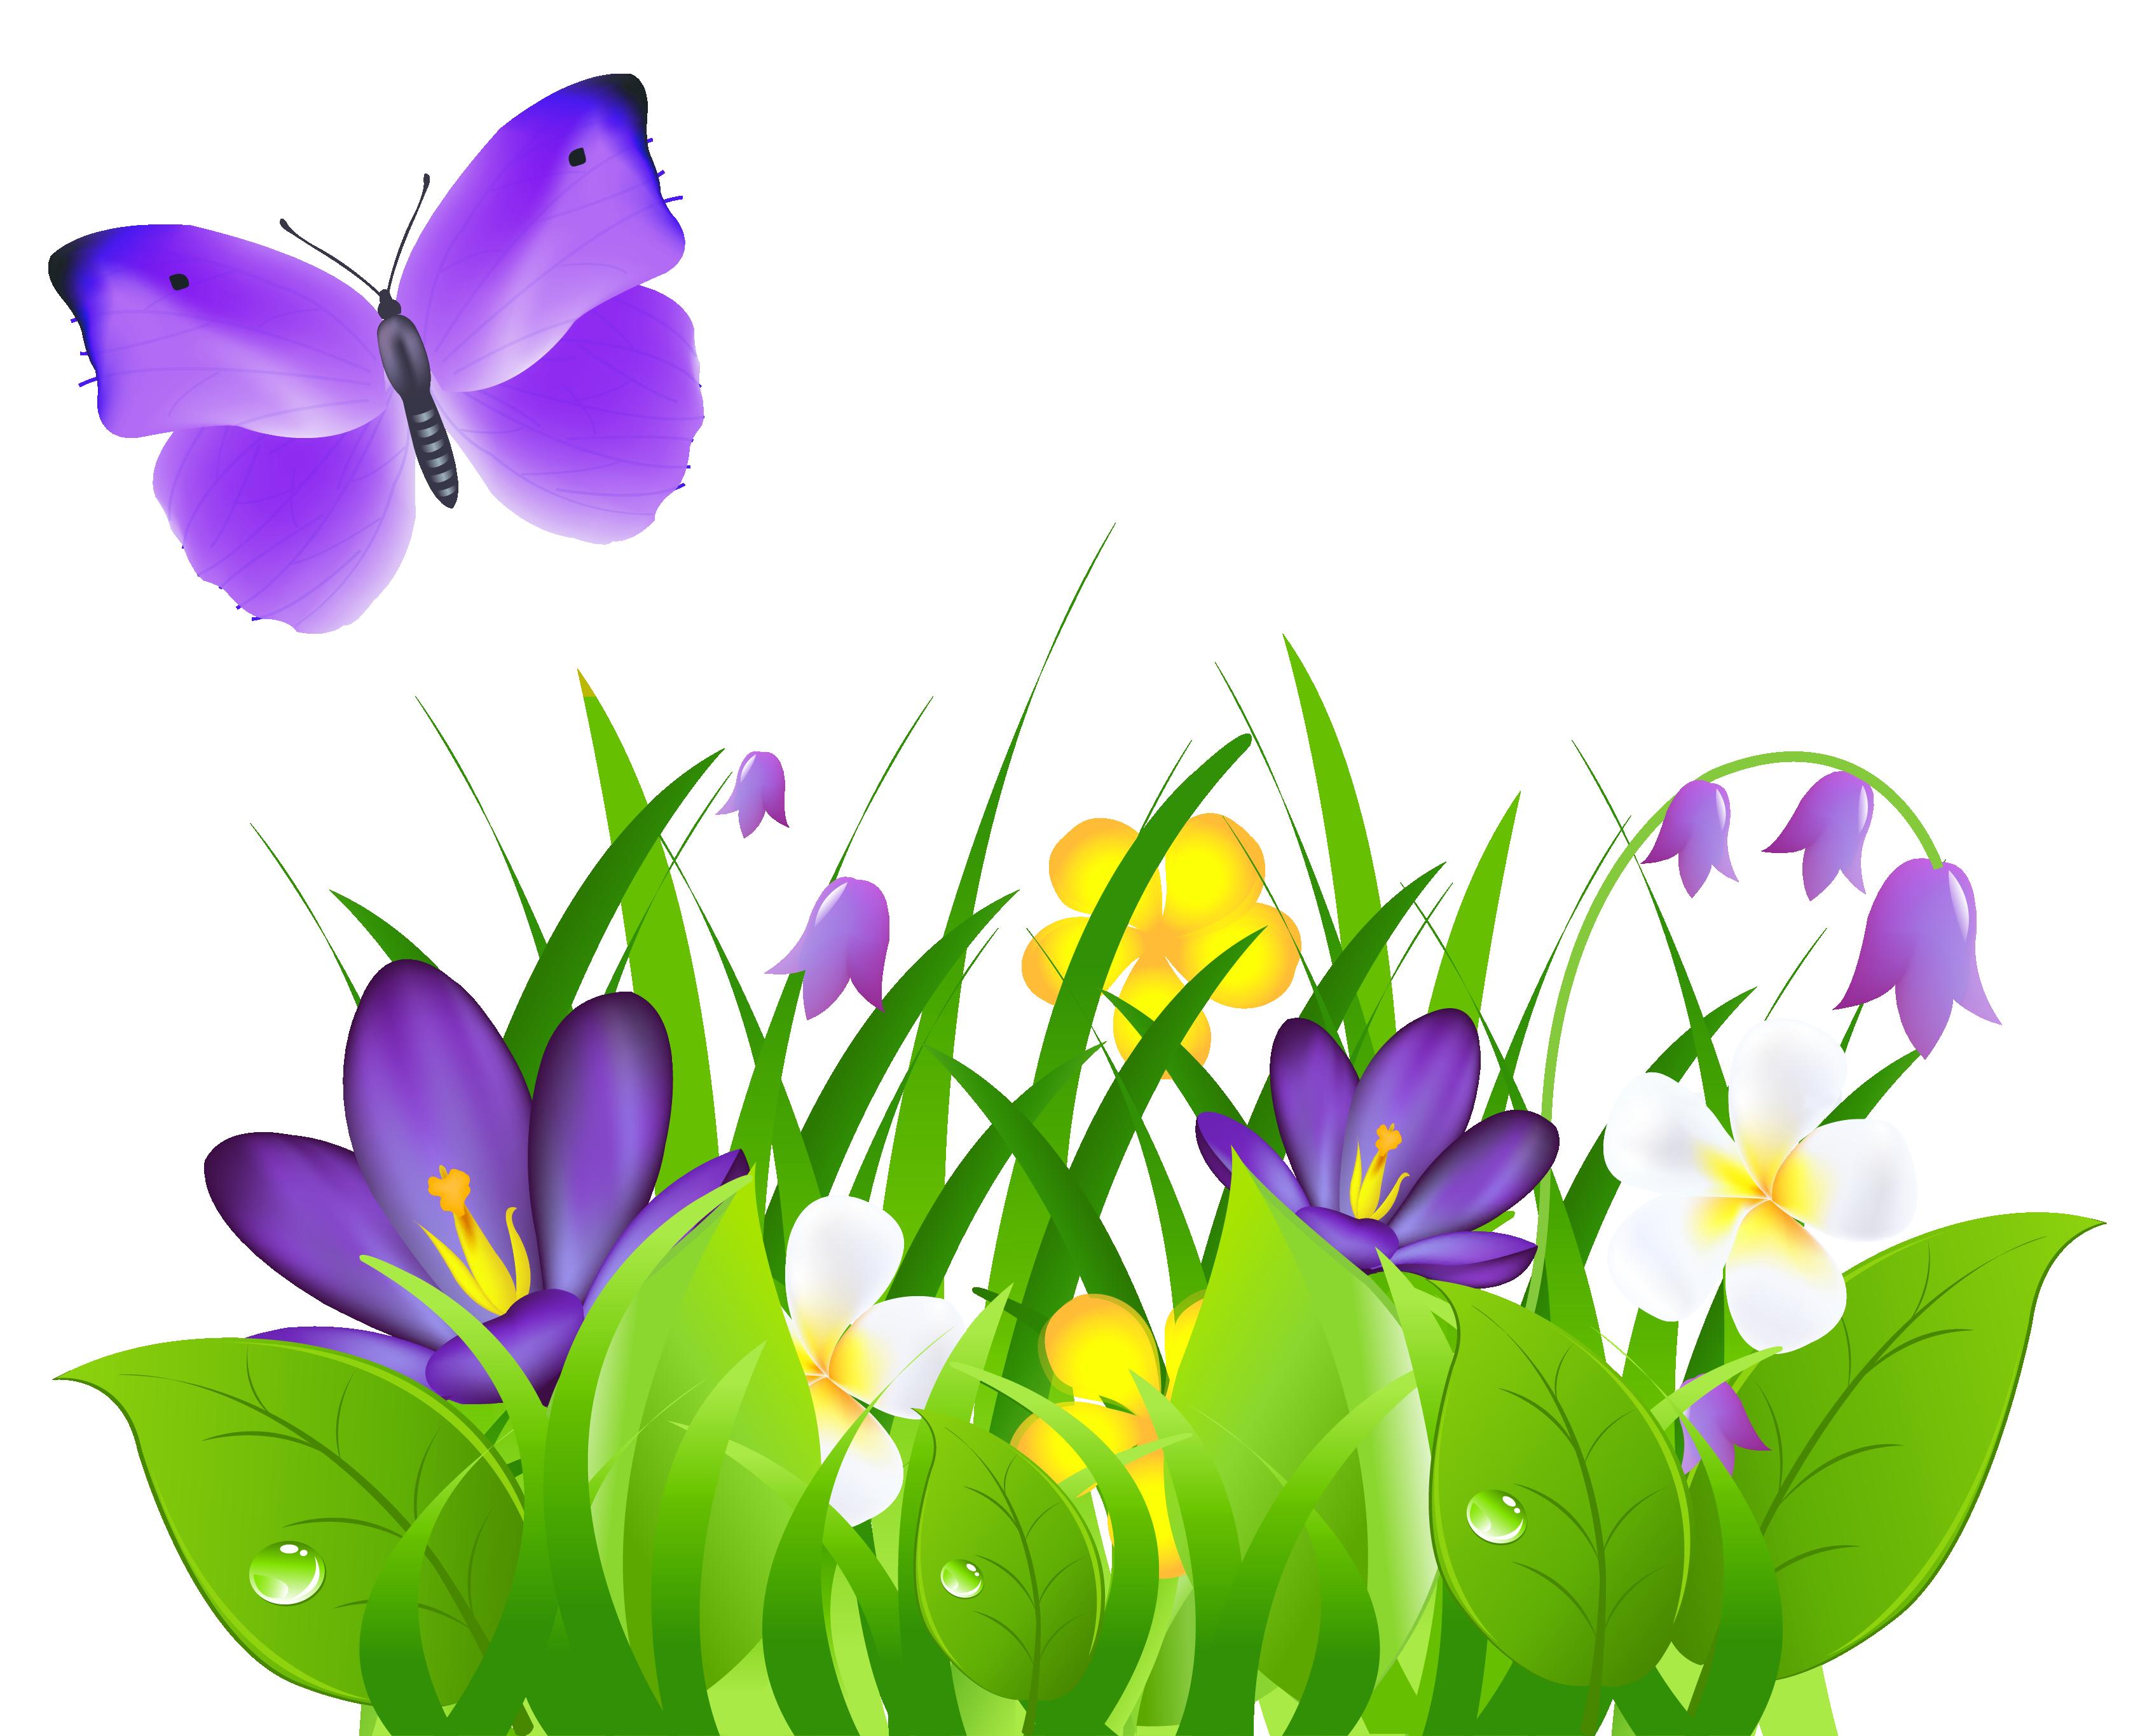 Spring time grass butterflies. Clipart flowers purple